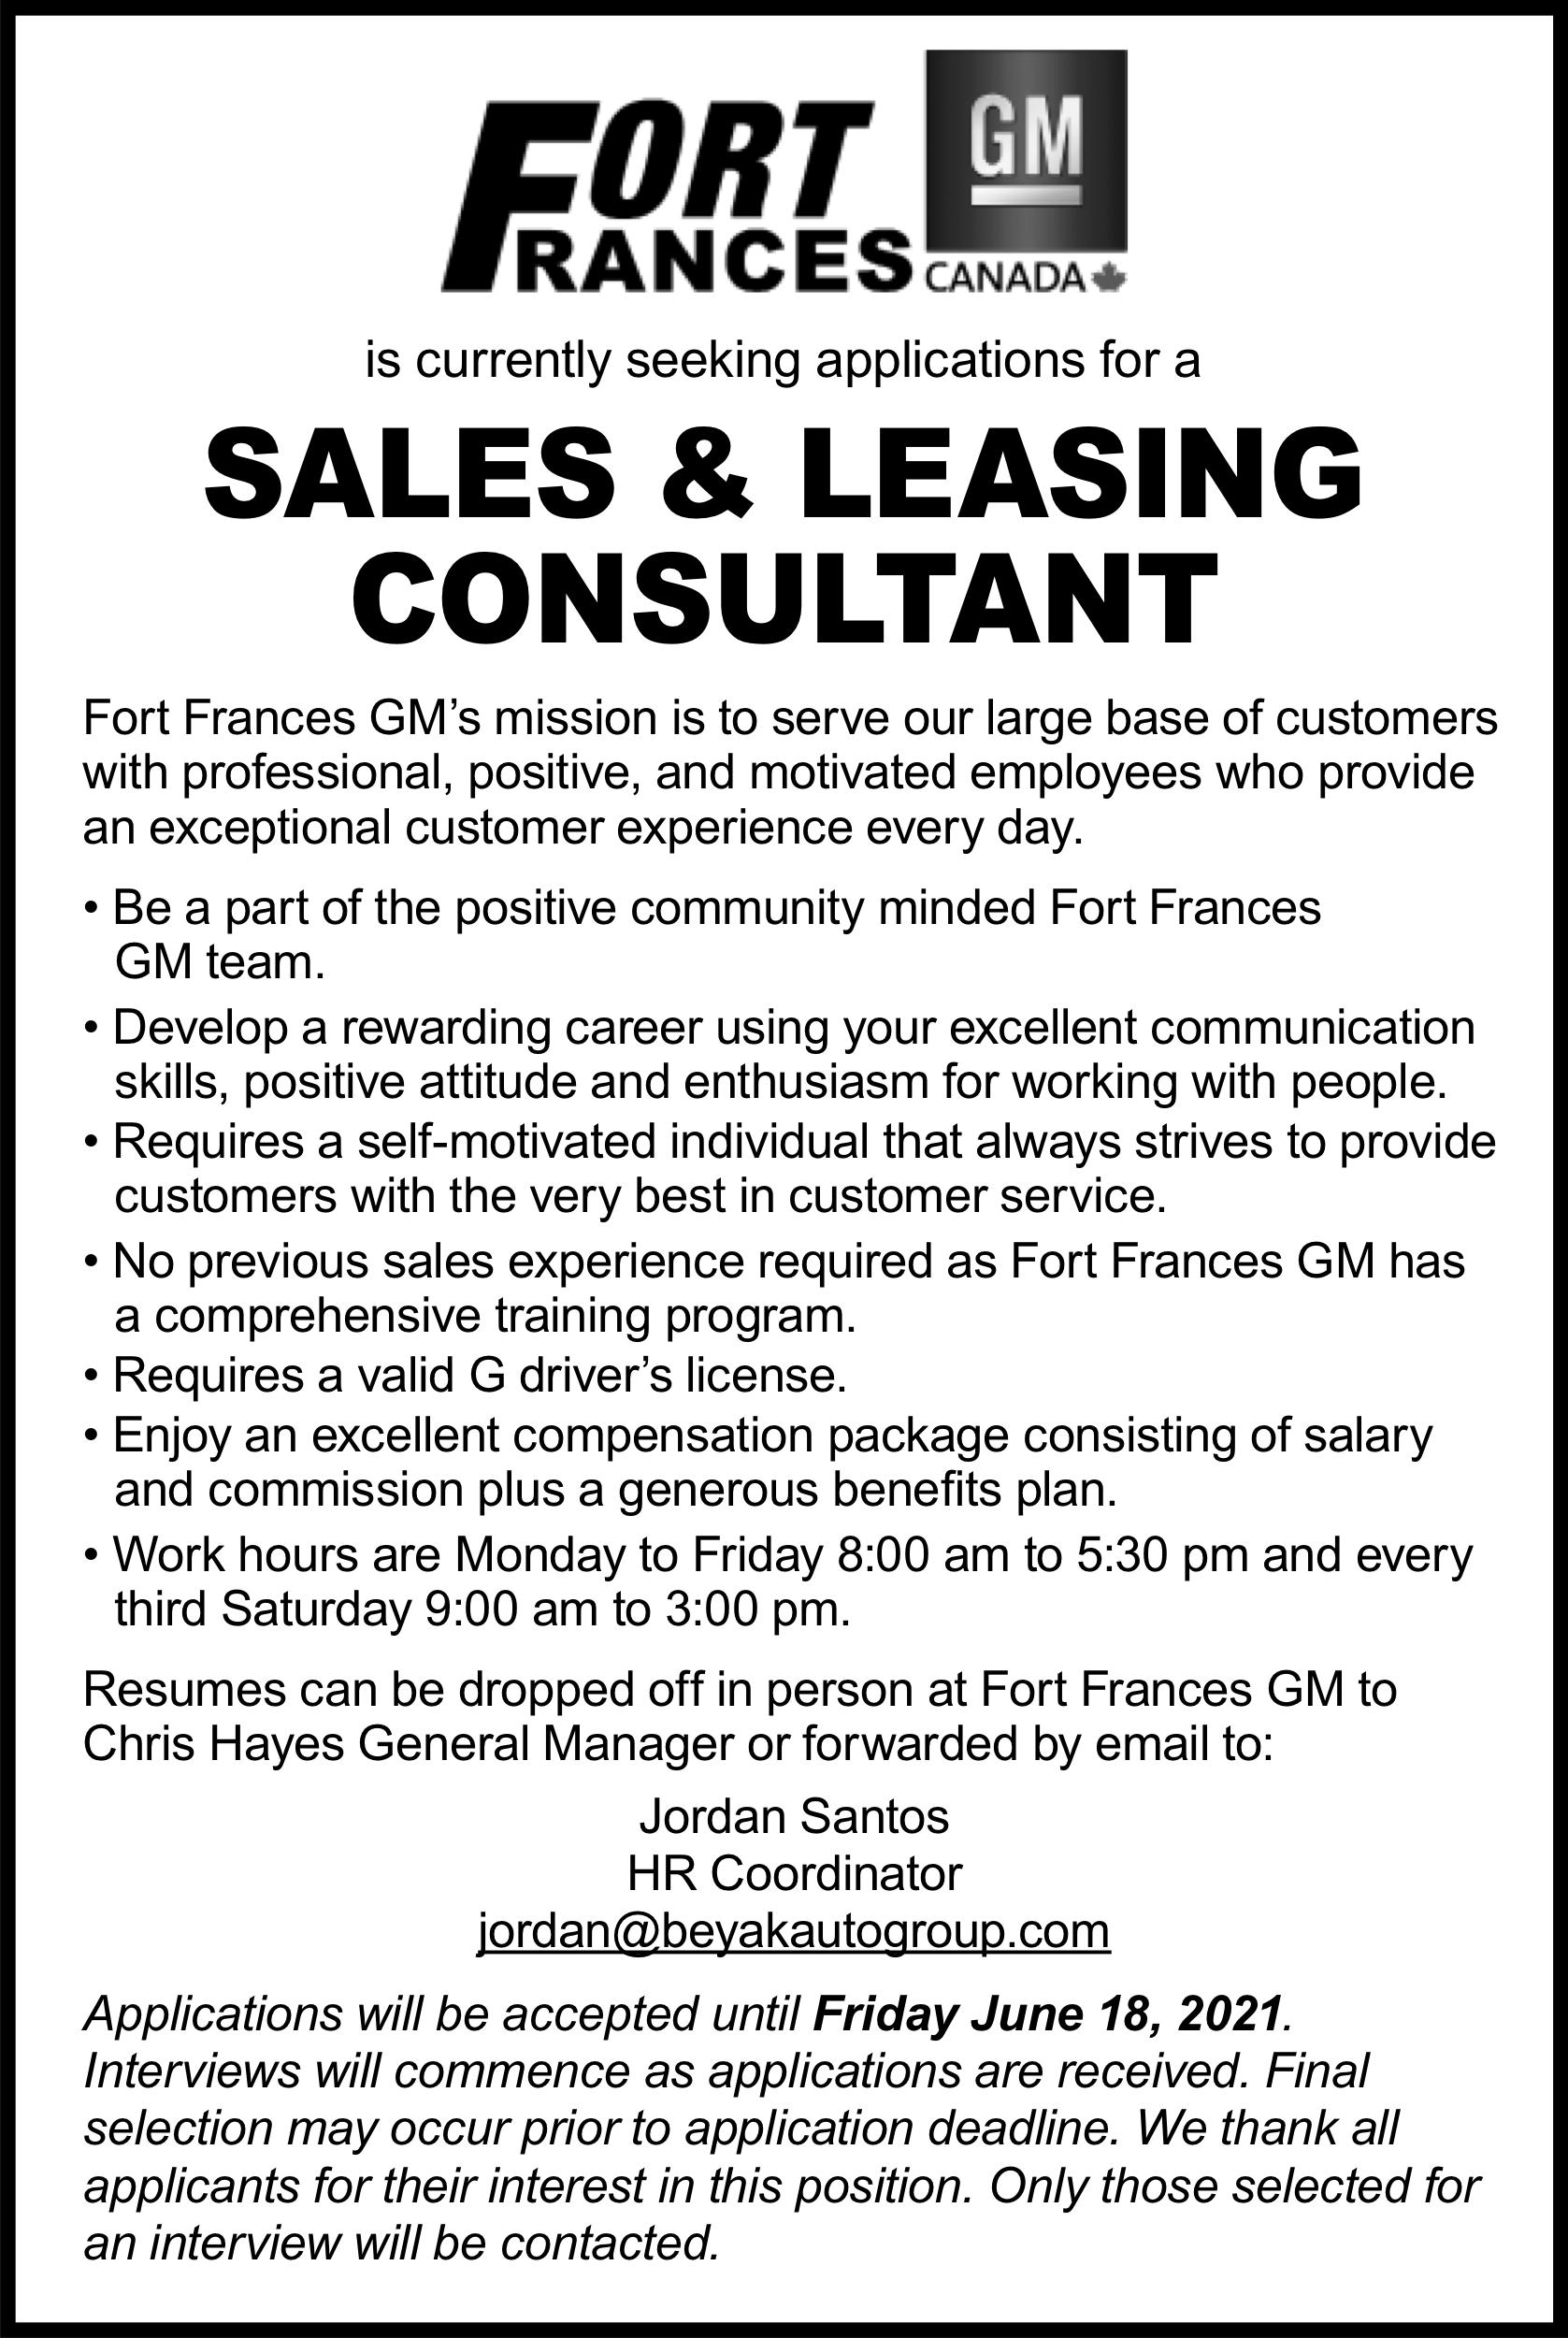 Sales & Leasing Consultant